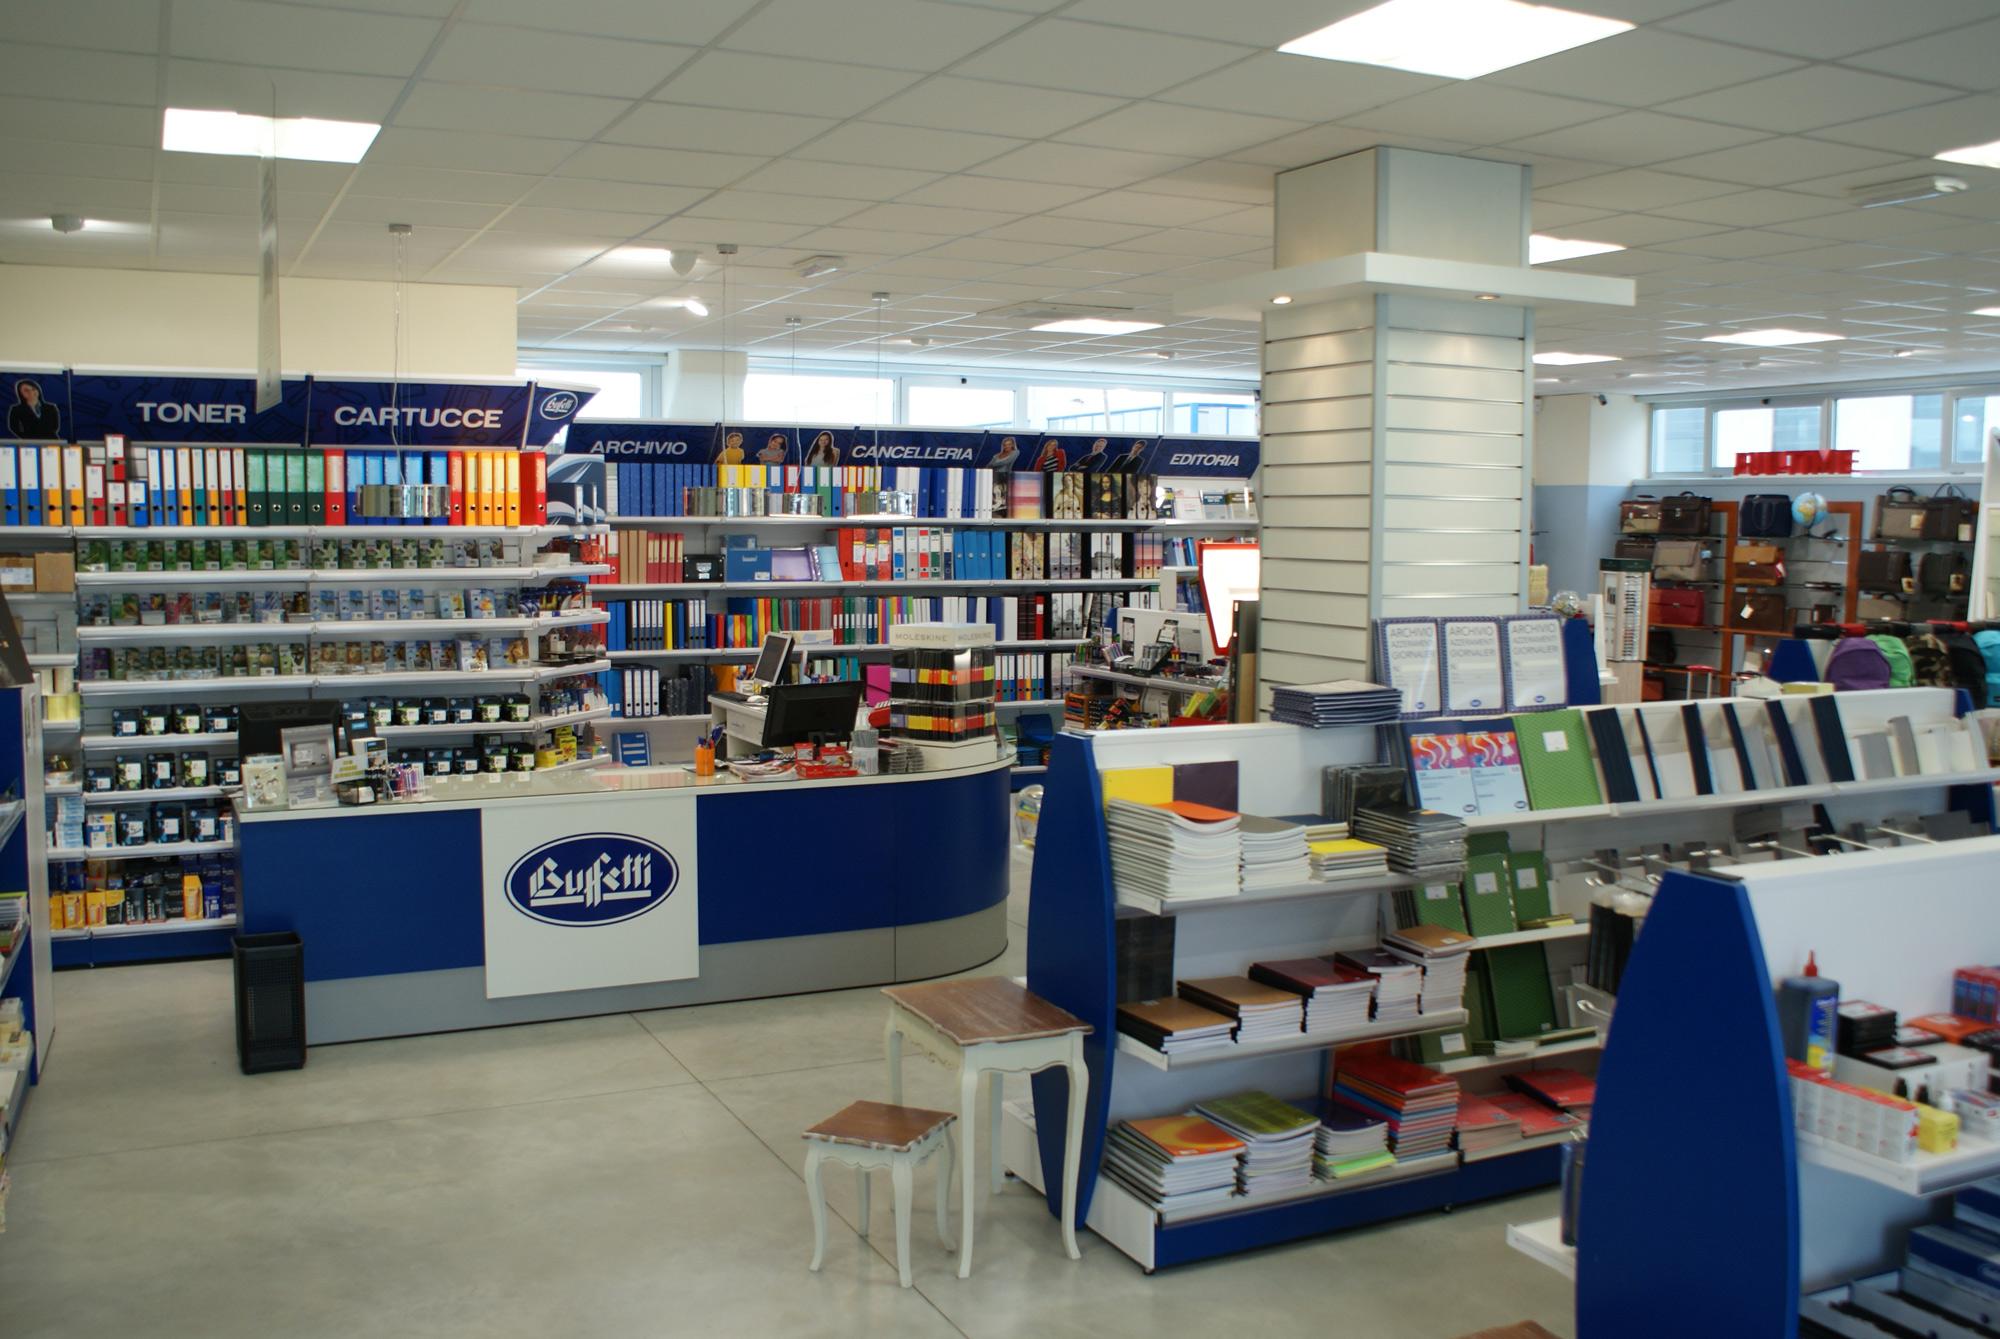 Arredamento per negozi di cartoleria cancelleria toscana for Arredamento per cartoleria